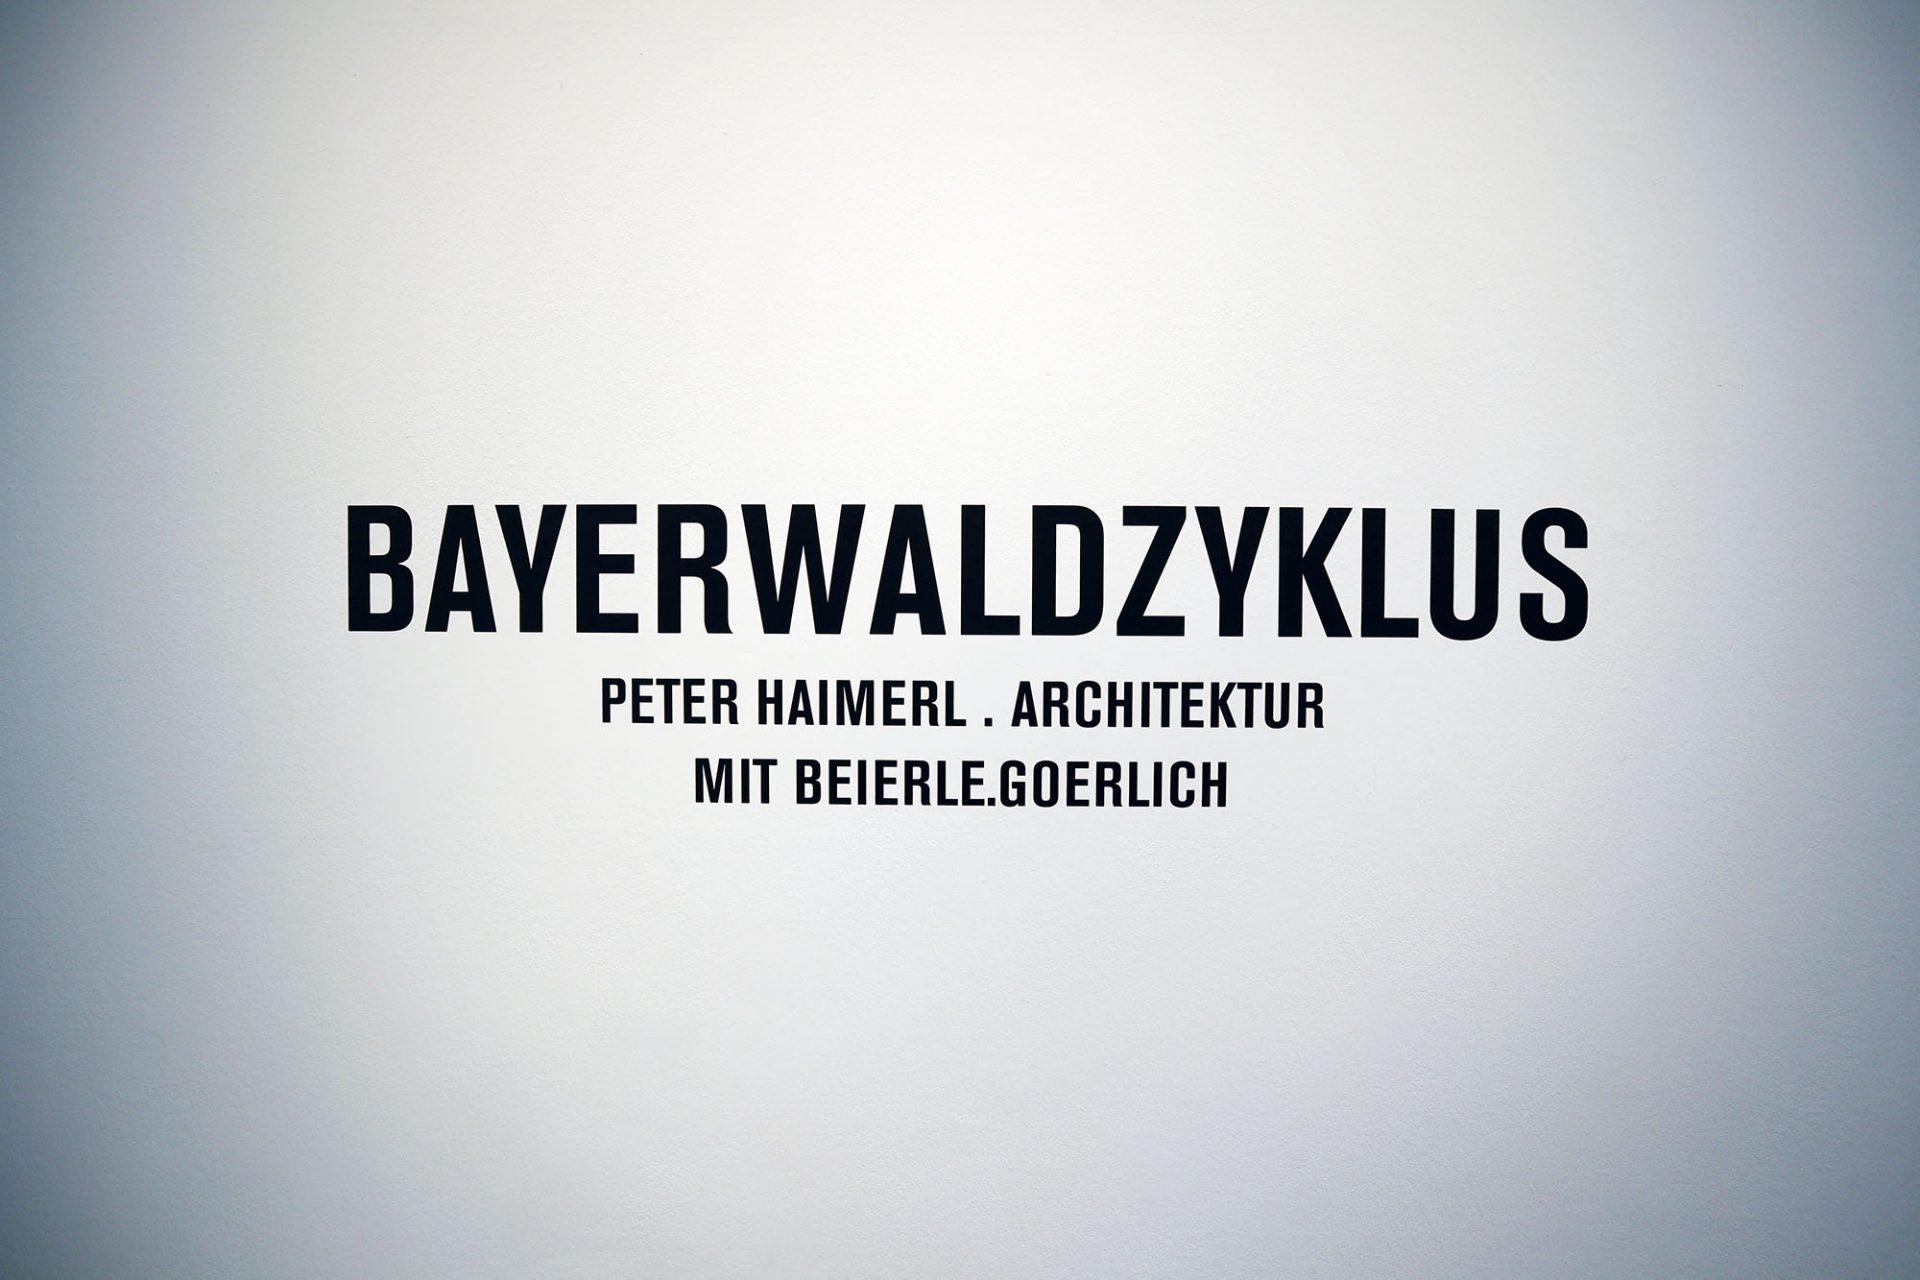 Bayerwaldzyklus Peter Haimerl. Architektur.. Die Ausstellung ist vom 09. März bis zum 07. Juli 2019 zu sehen und entstand zusammen mit den Fotokünstlern Jutta Görlich und Edward Beierle.